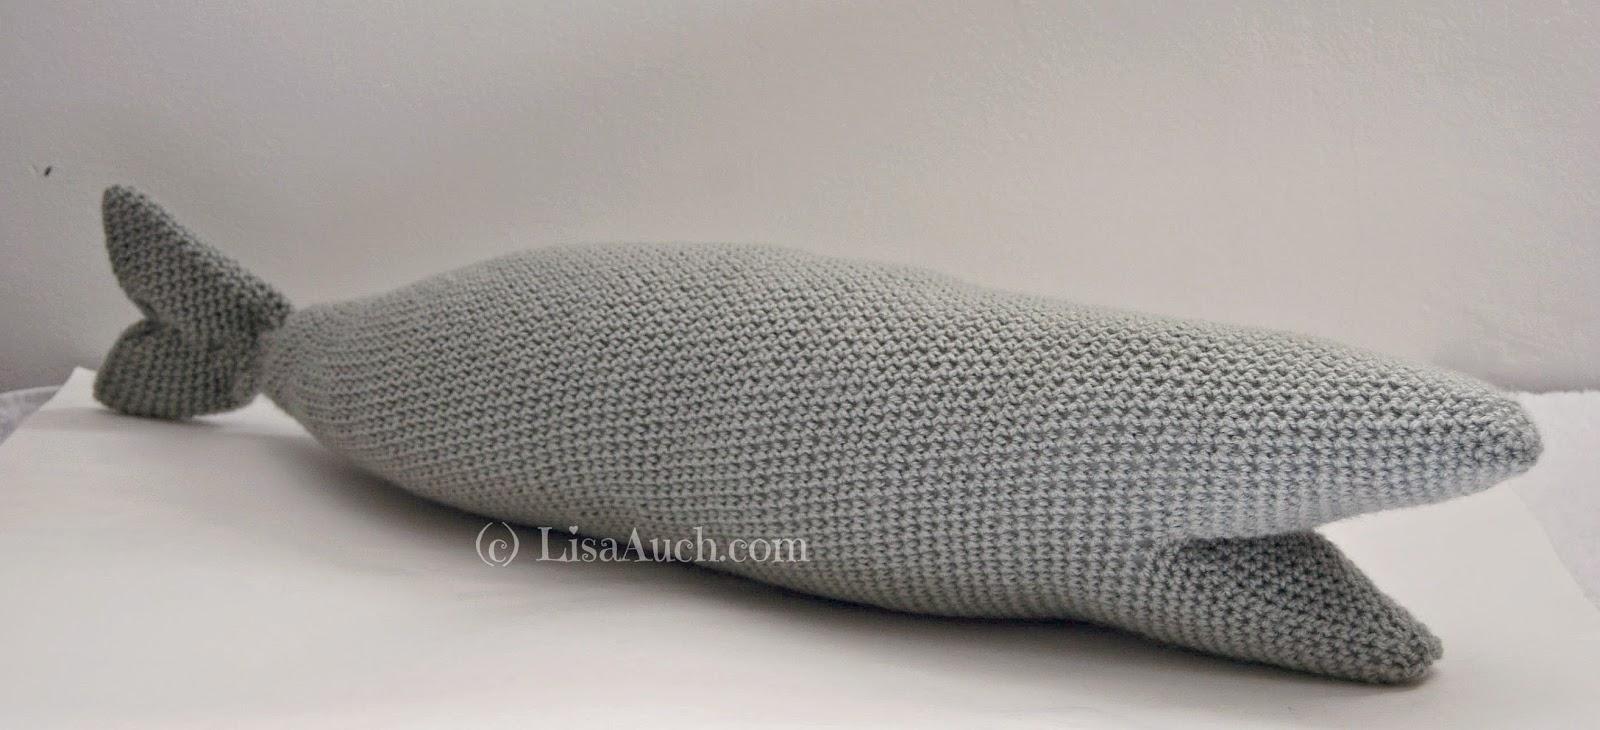 free crochet shark pattern, shark crochet pattern free